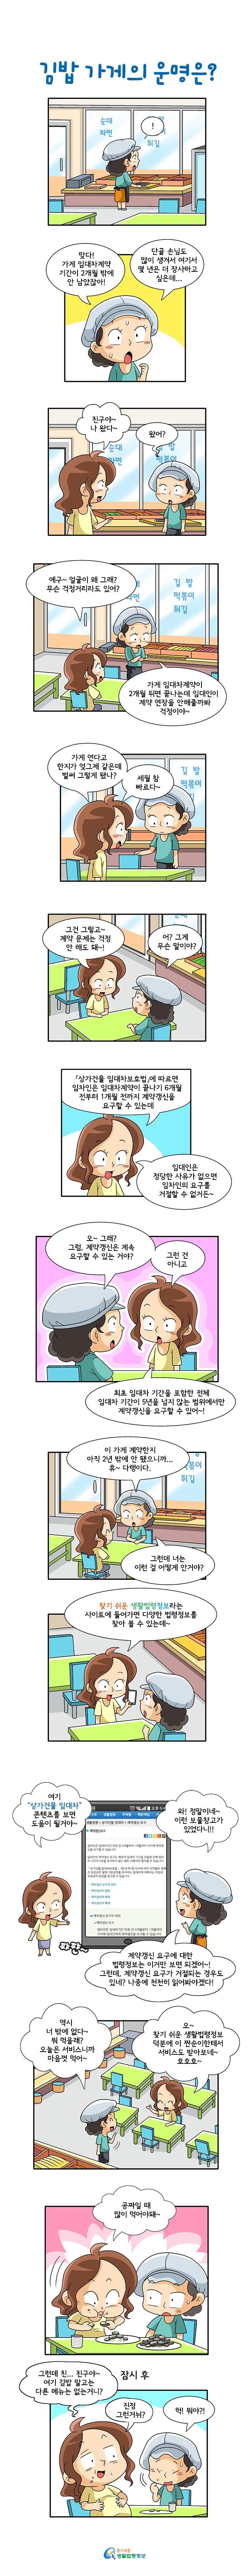 <제36화> 김밥 가게의 운명은?